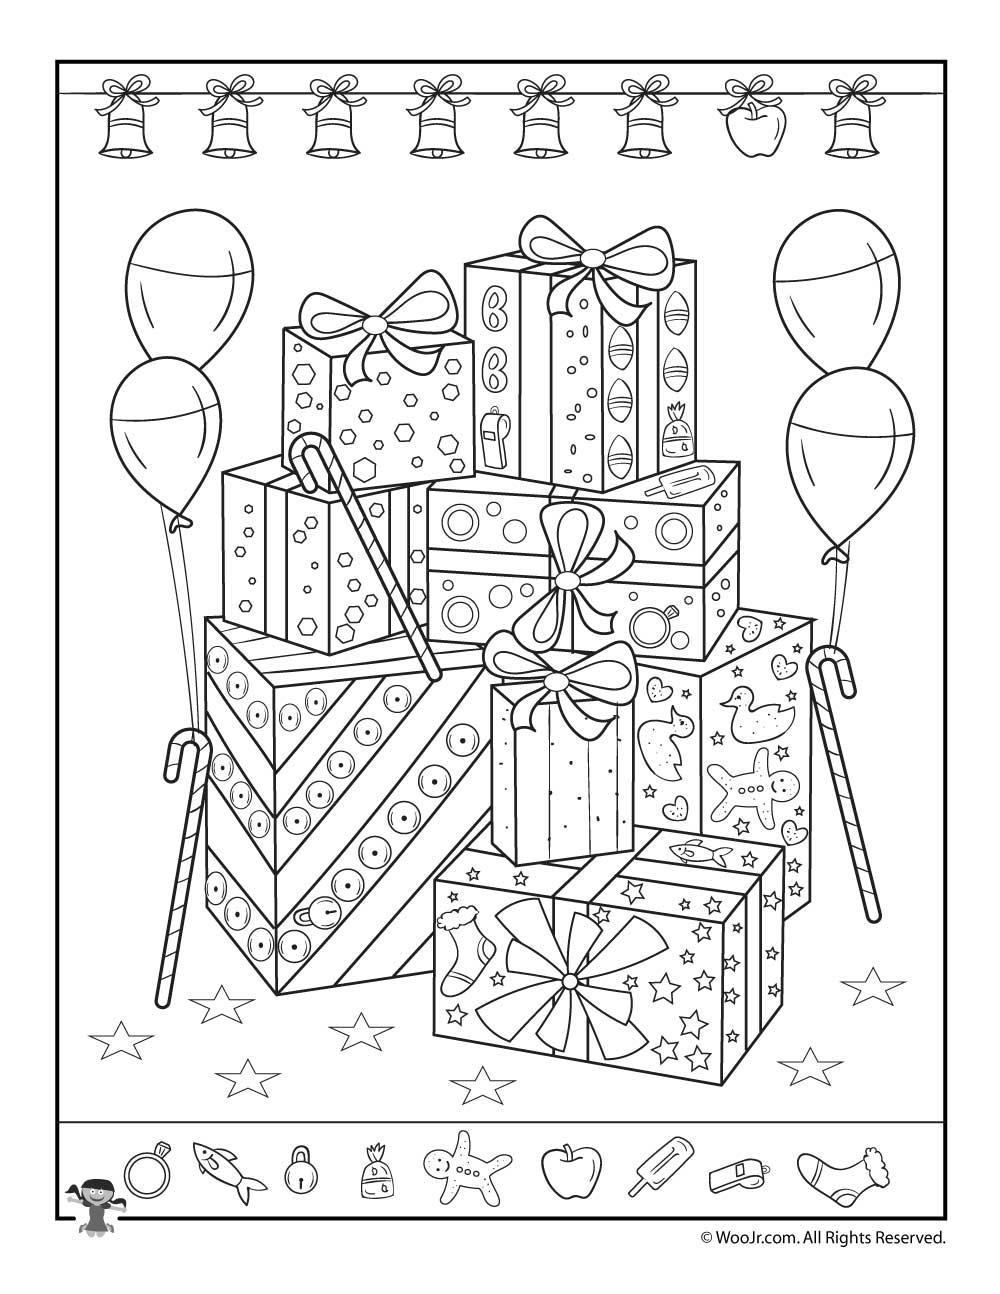 Christmas Presents I Spy Printable | Woo! Jr. Kids Activities